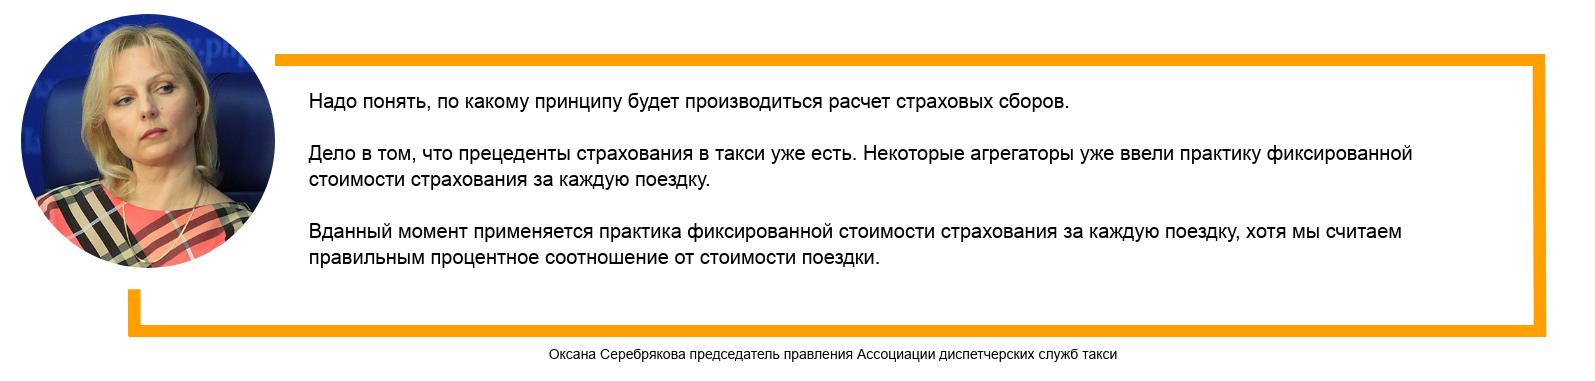 Серебрякова про закон о такси